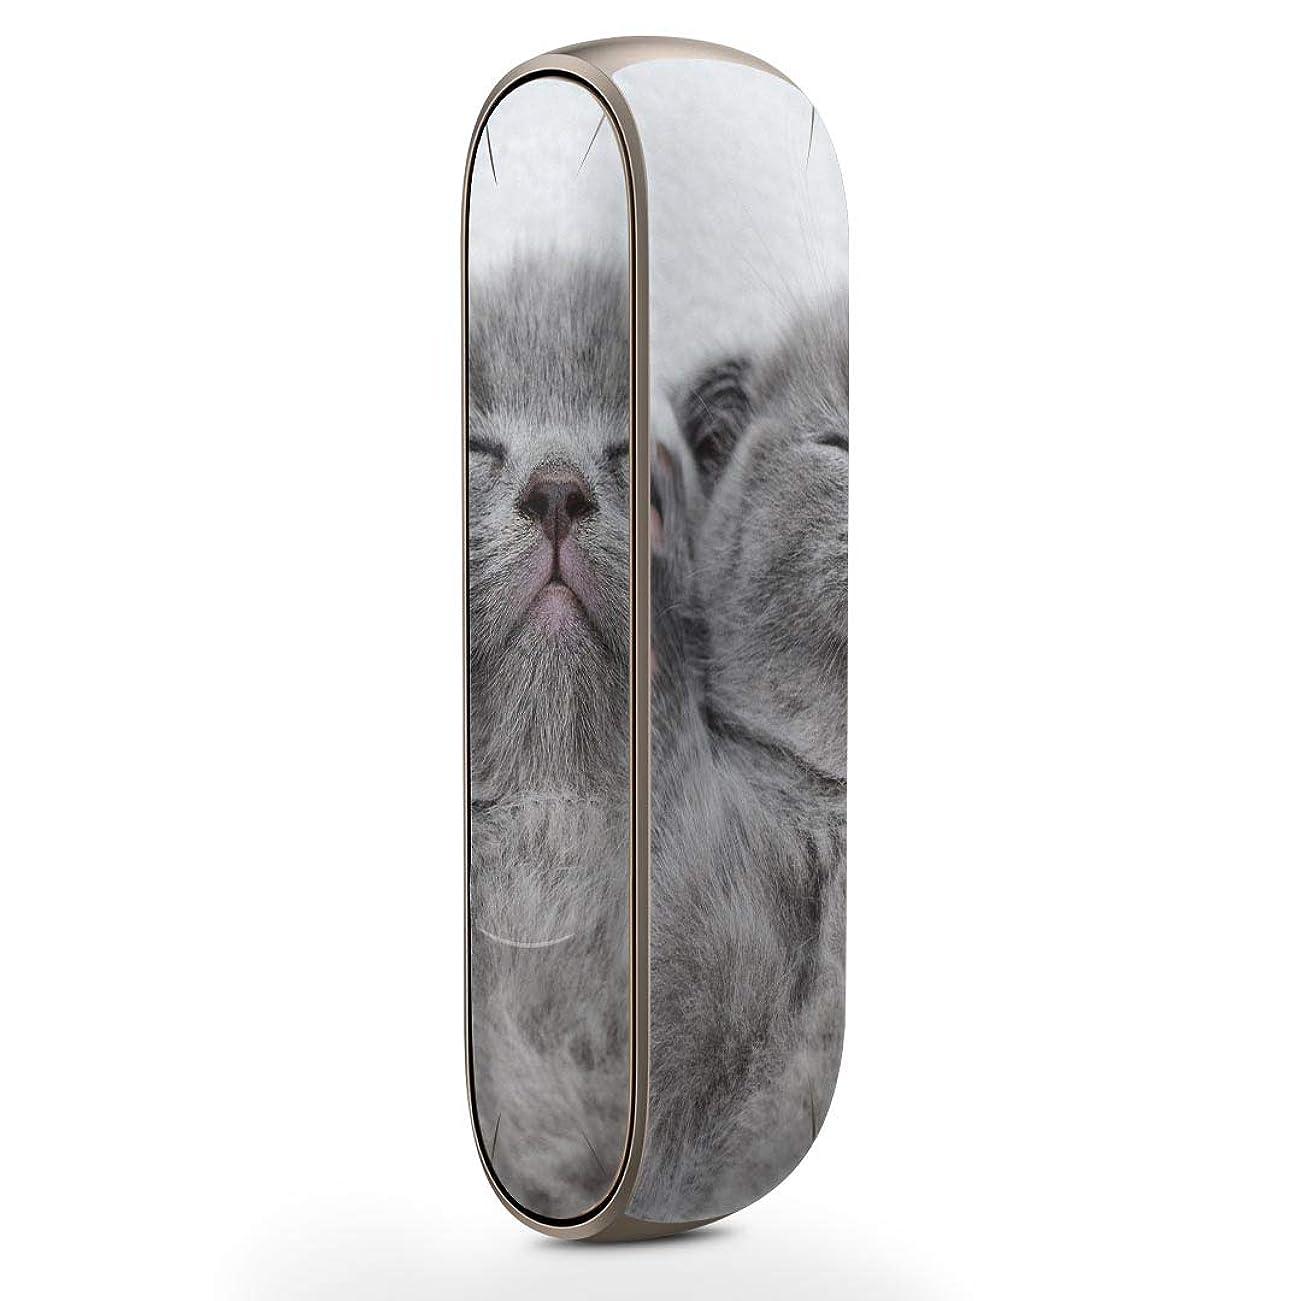 スリム条約円形igsticker IQOS3 専用 デザインスキンシール IQOS 3 対応 シール IQOS 3 専用スキンシール フル アクセサリ 保護シール デコシール 011682 猫 動物 写真